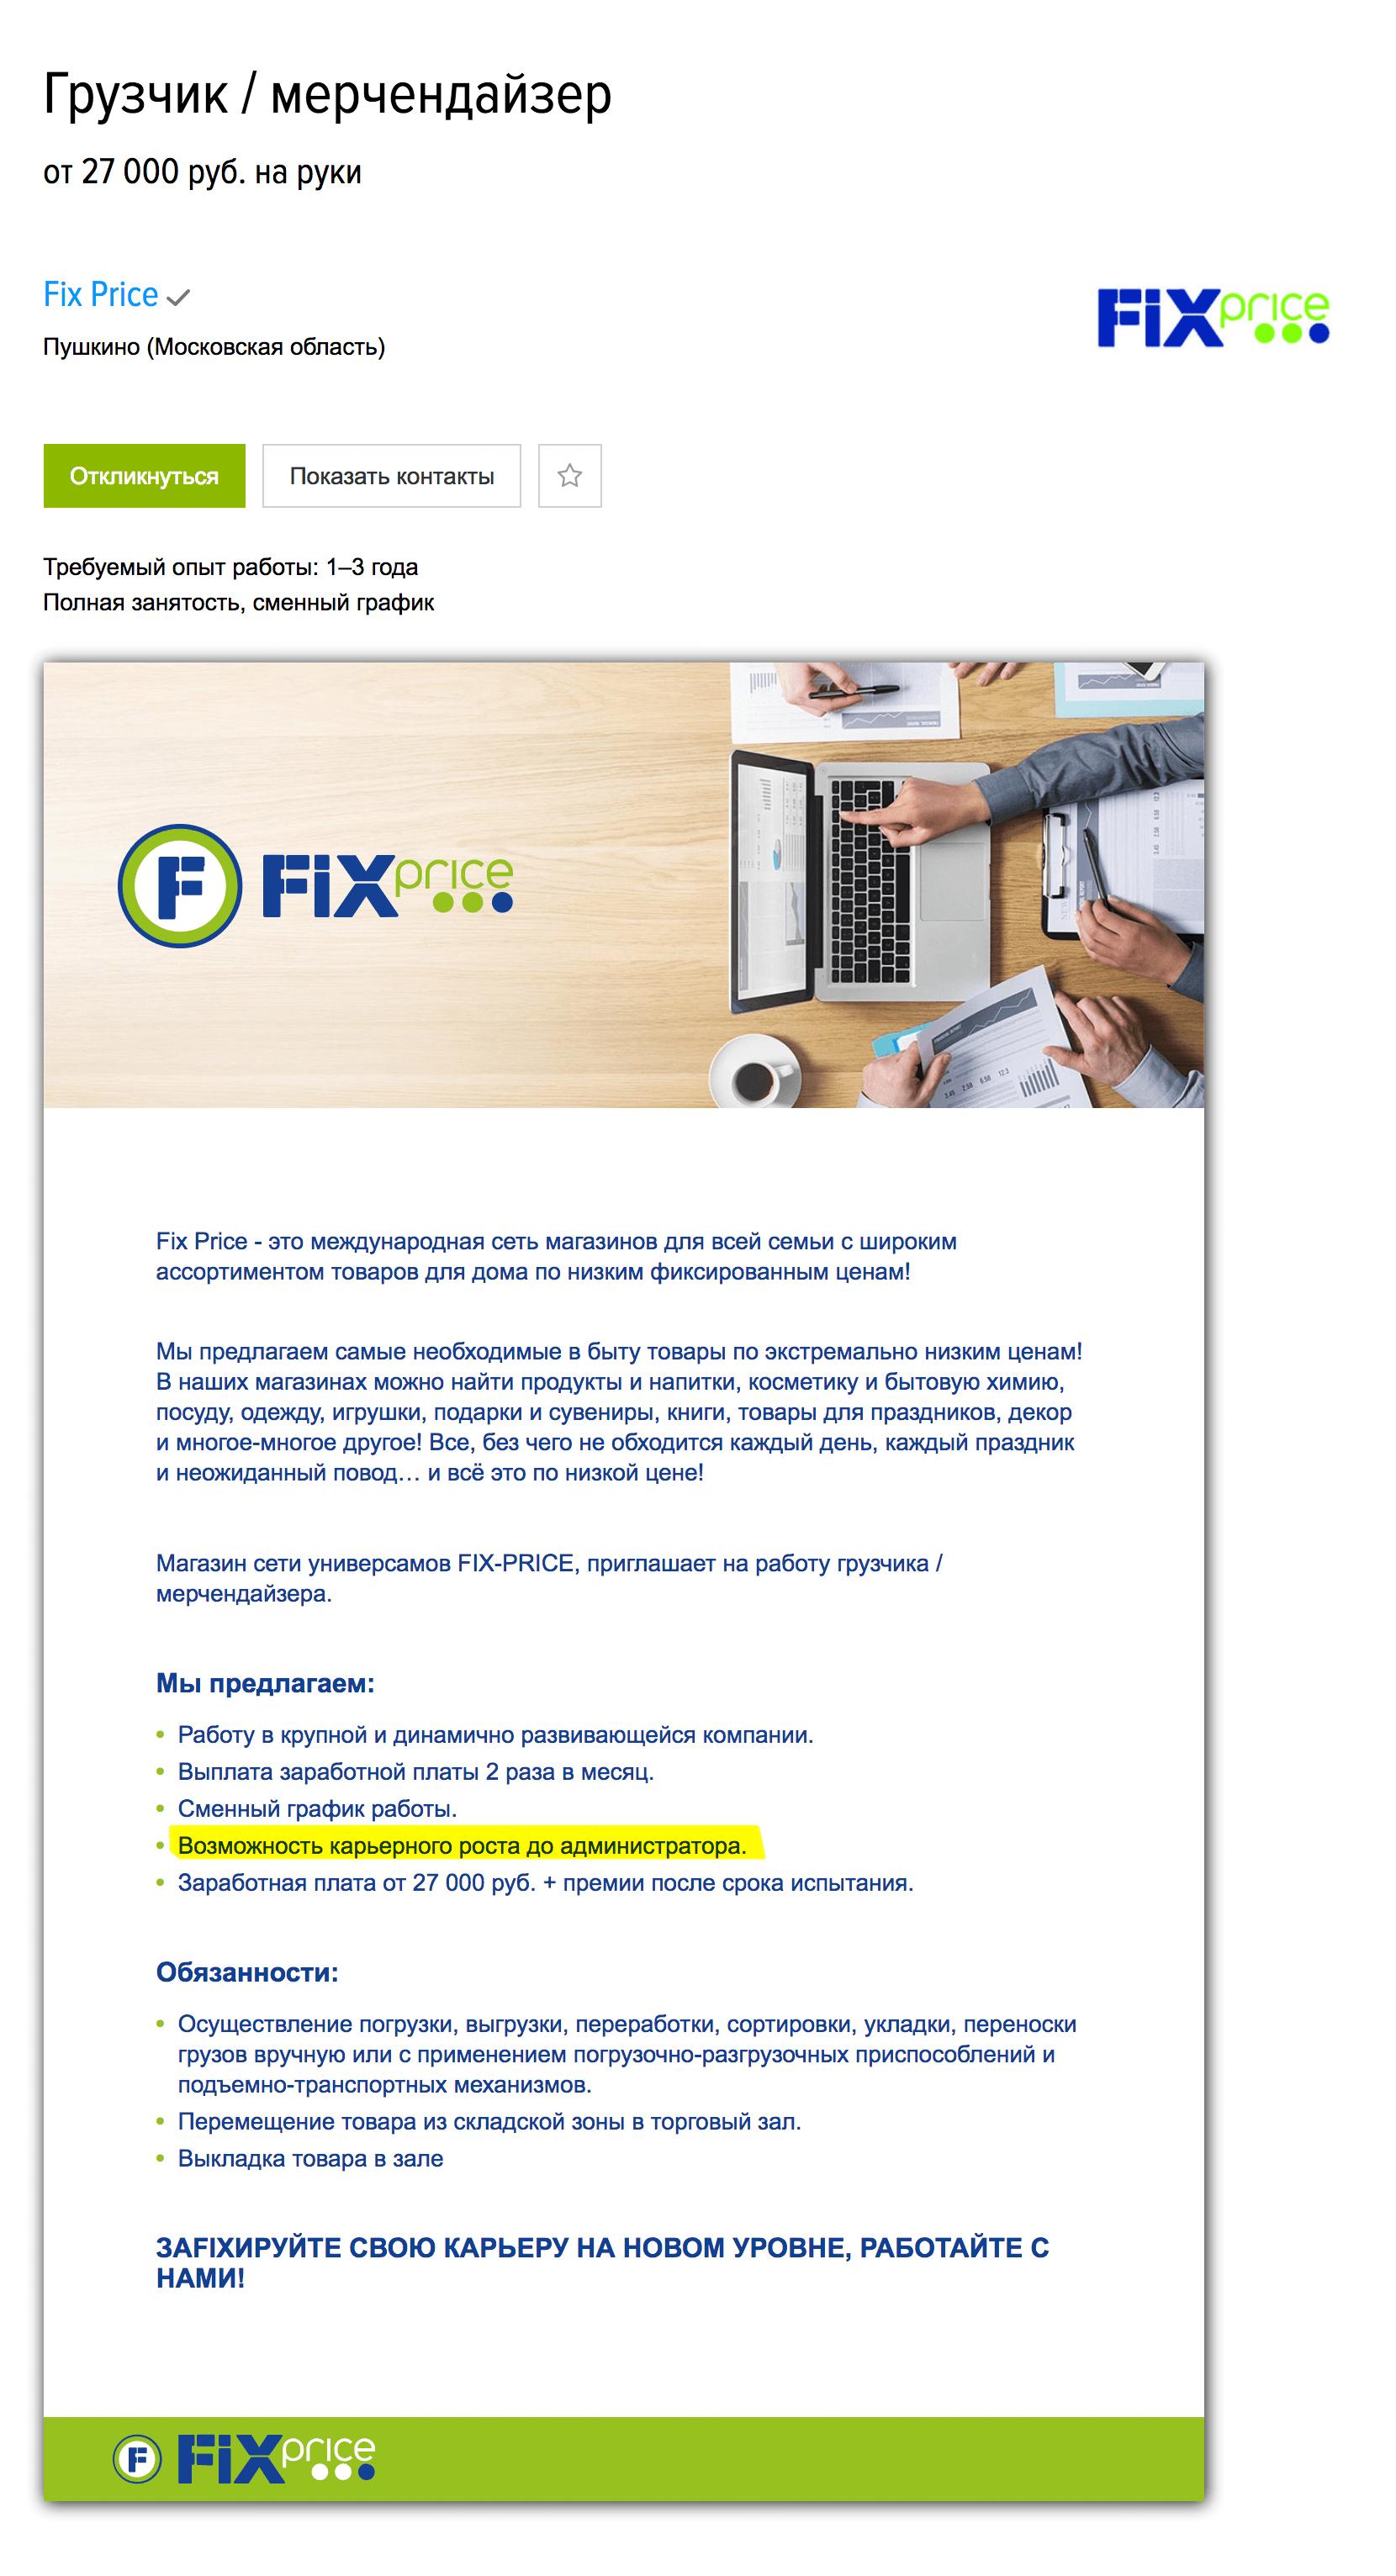 Грузчик-мерчандайзер в «Фикс-прайсе» может построить карьеру и стать администратором. Вакансия на «Хедхантере»